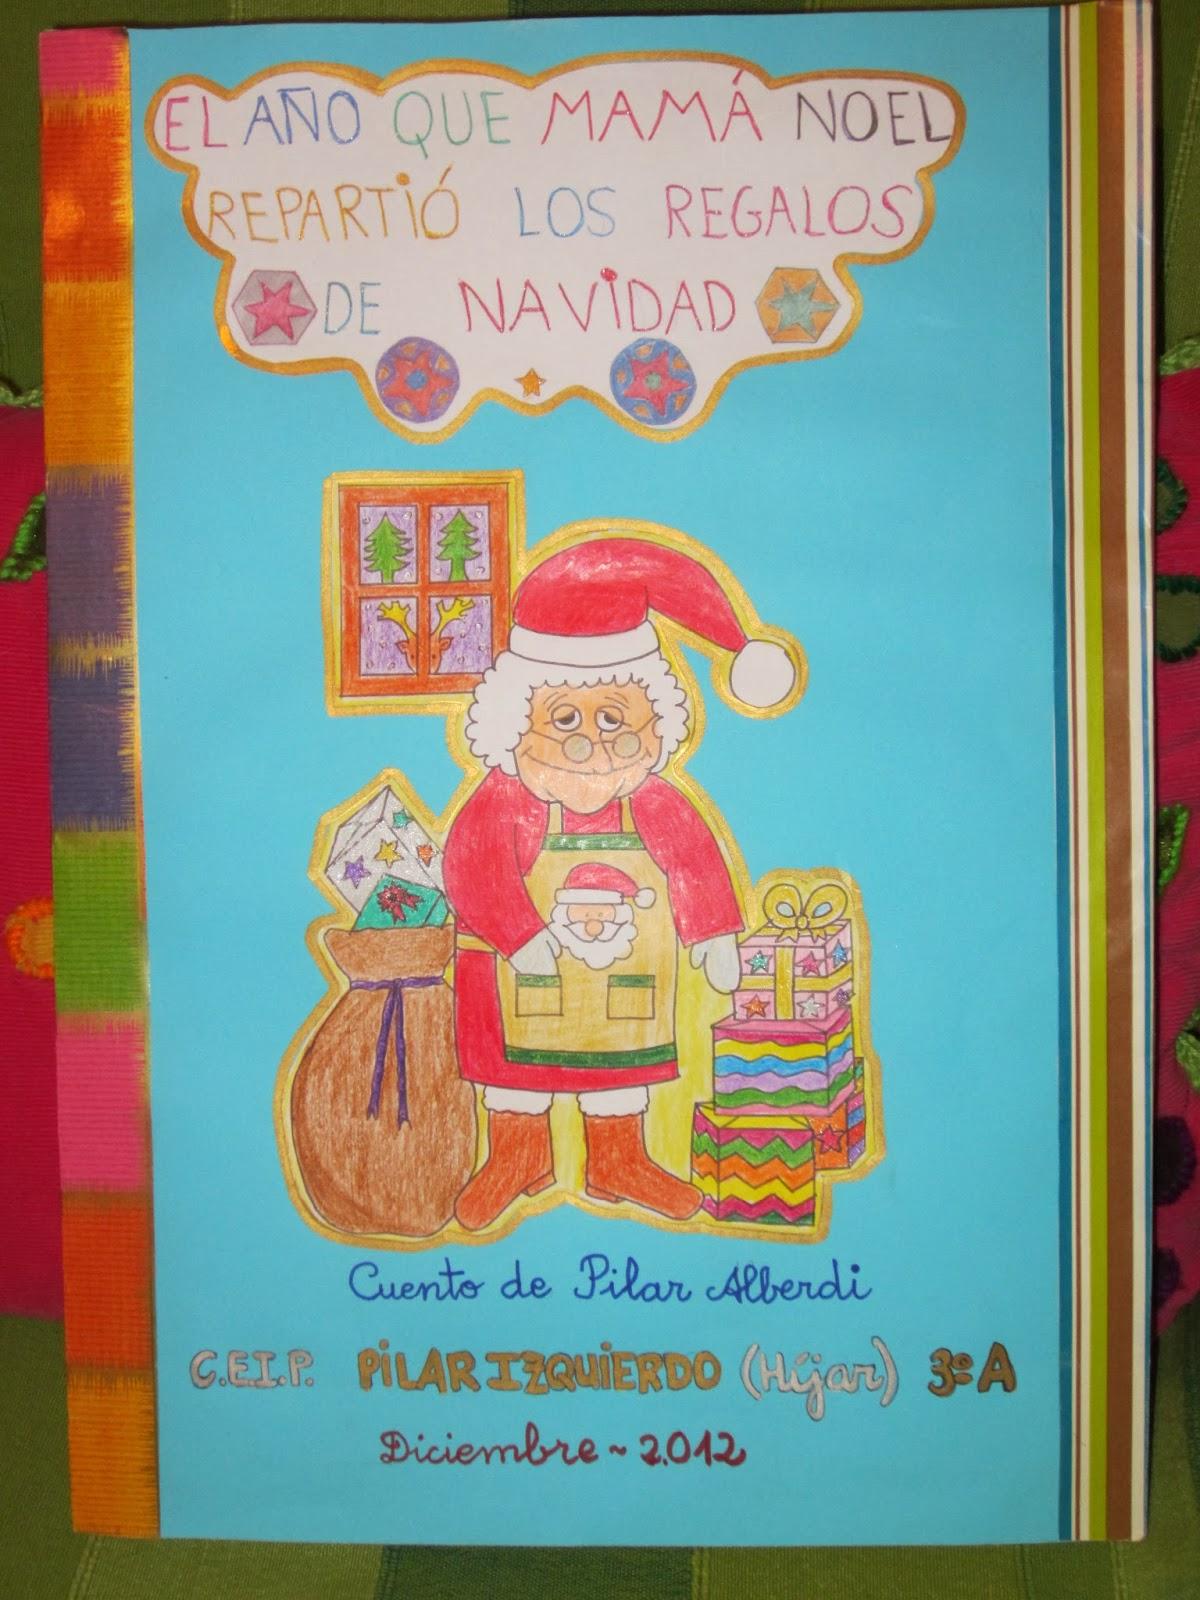 Lapicero m gico el a o que mam noel reparti los regalos - Regalos navidad mama ...